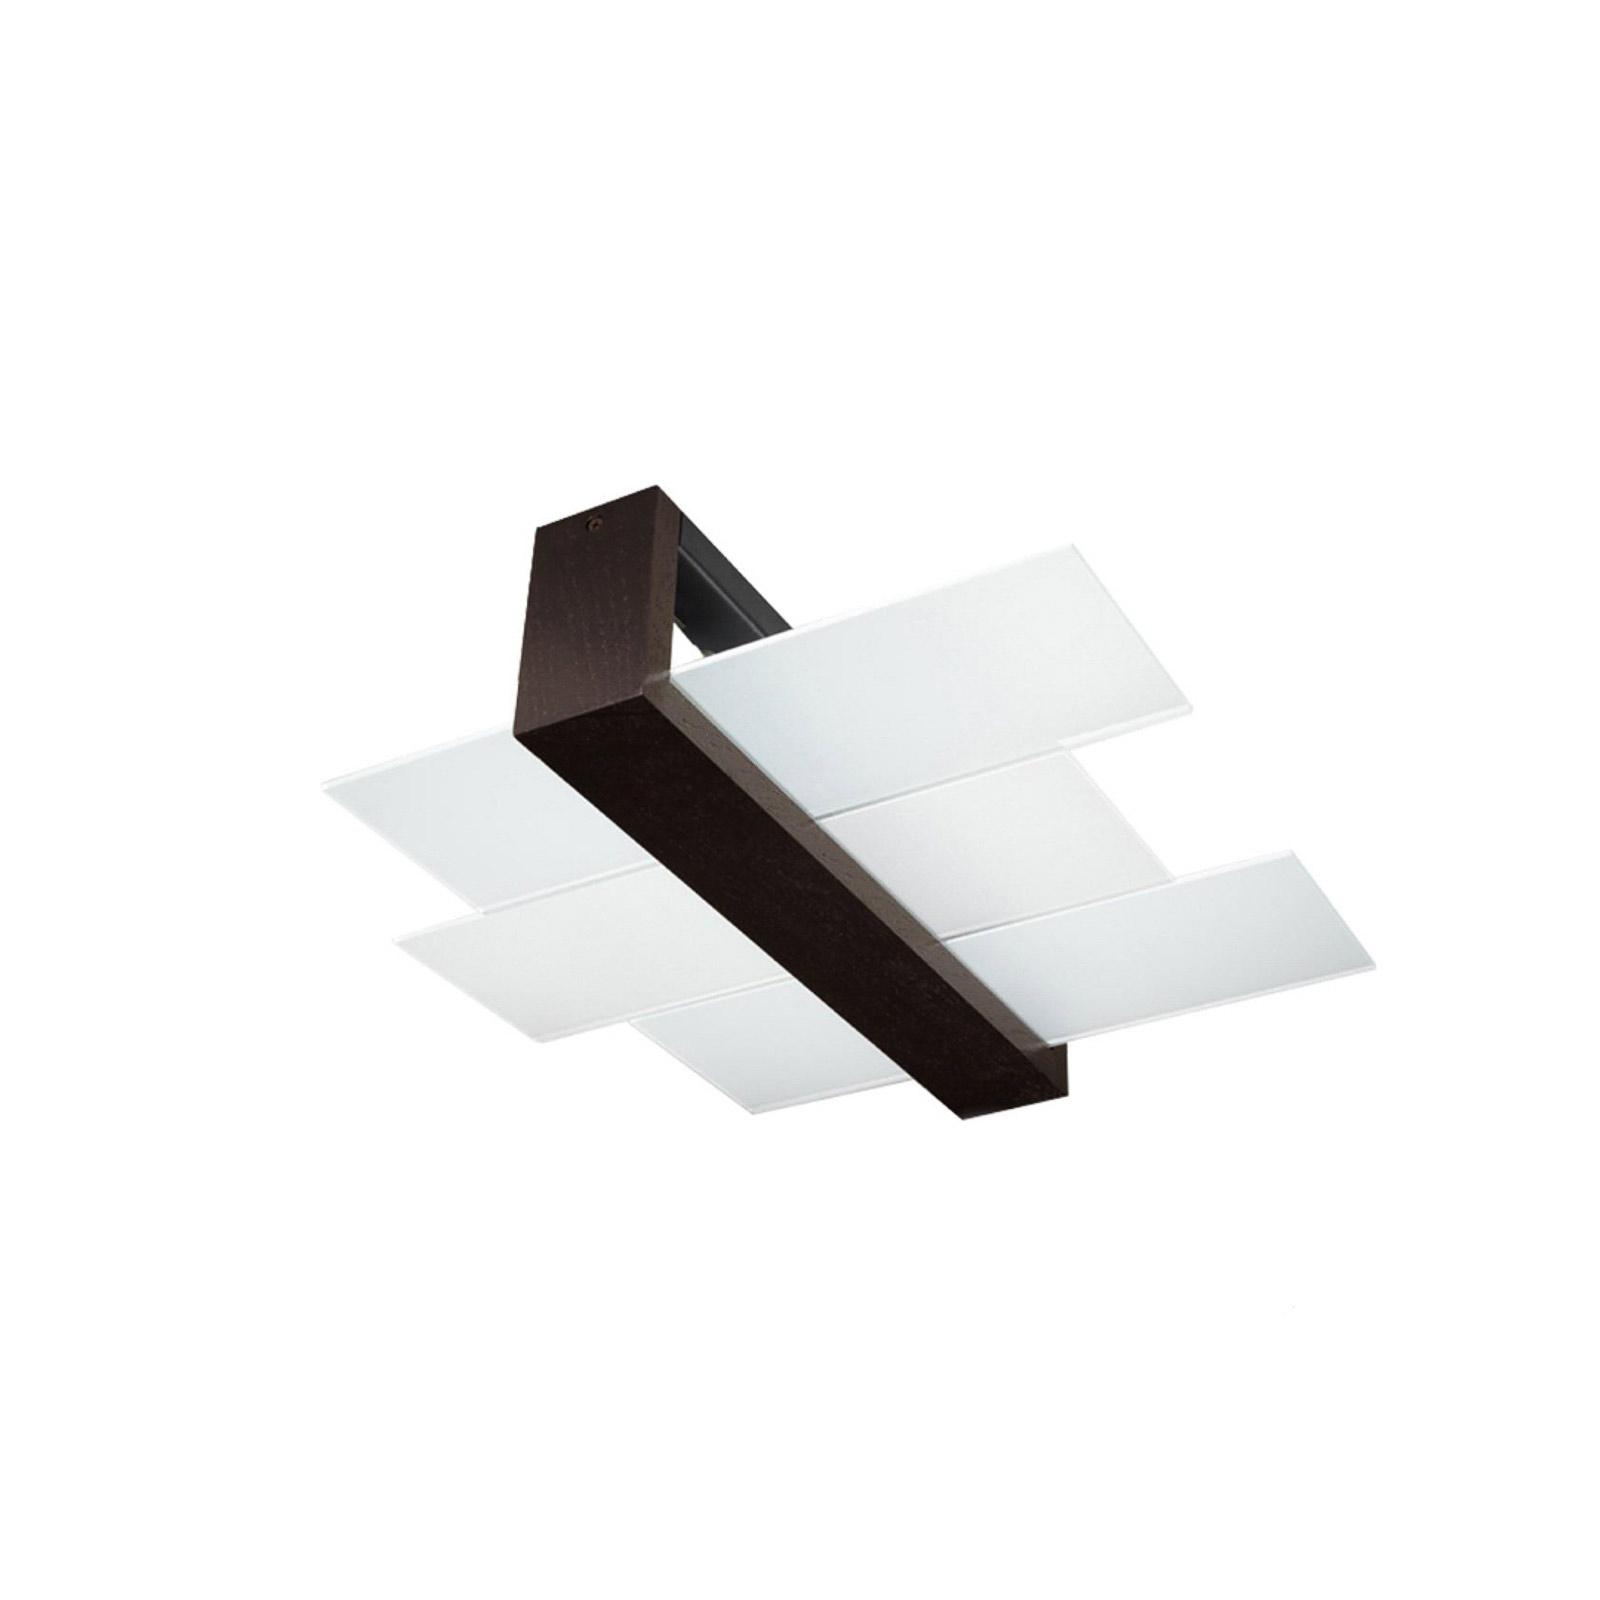 Deckenleuchte Shifted 2, Glas und Wenge-Holz